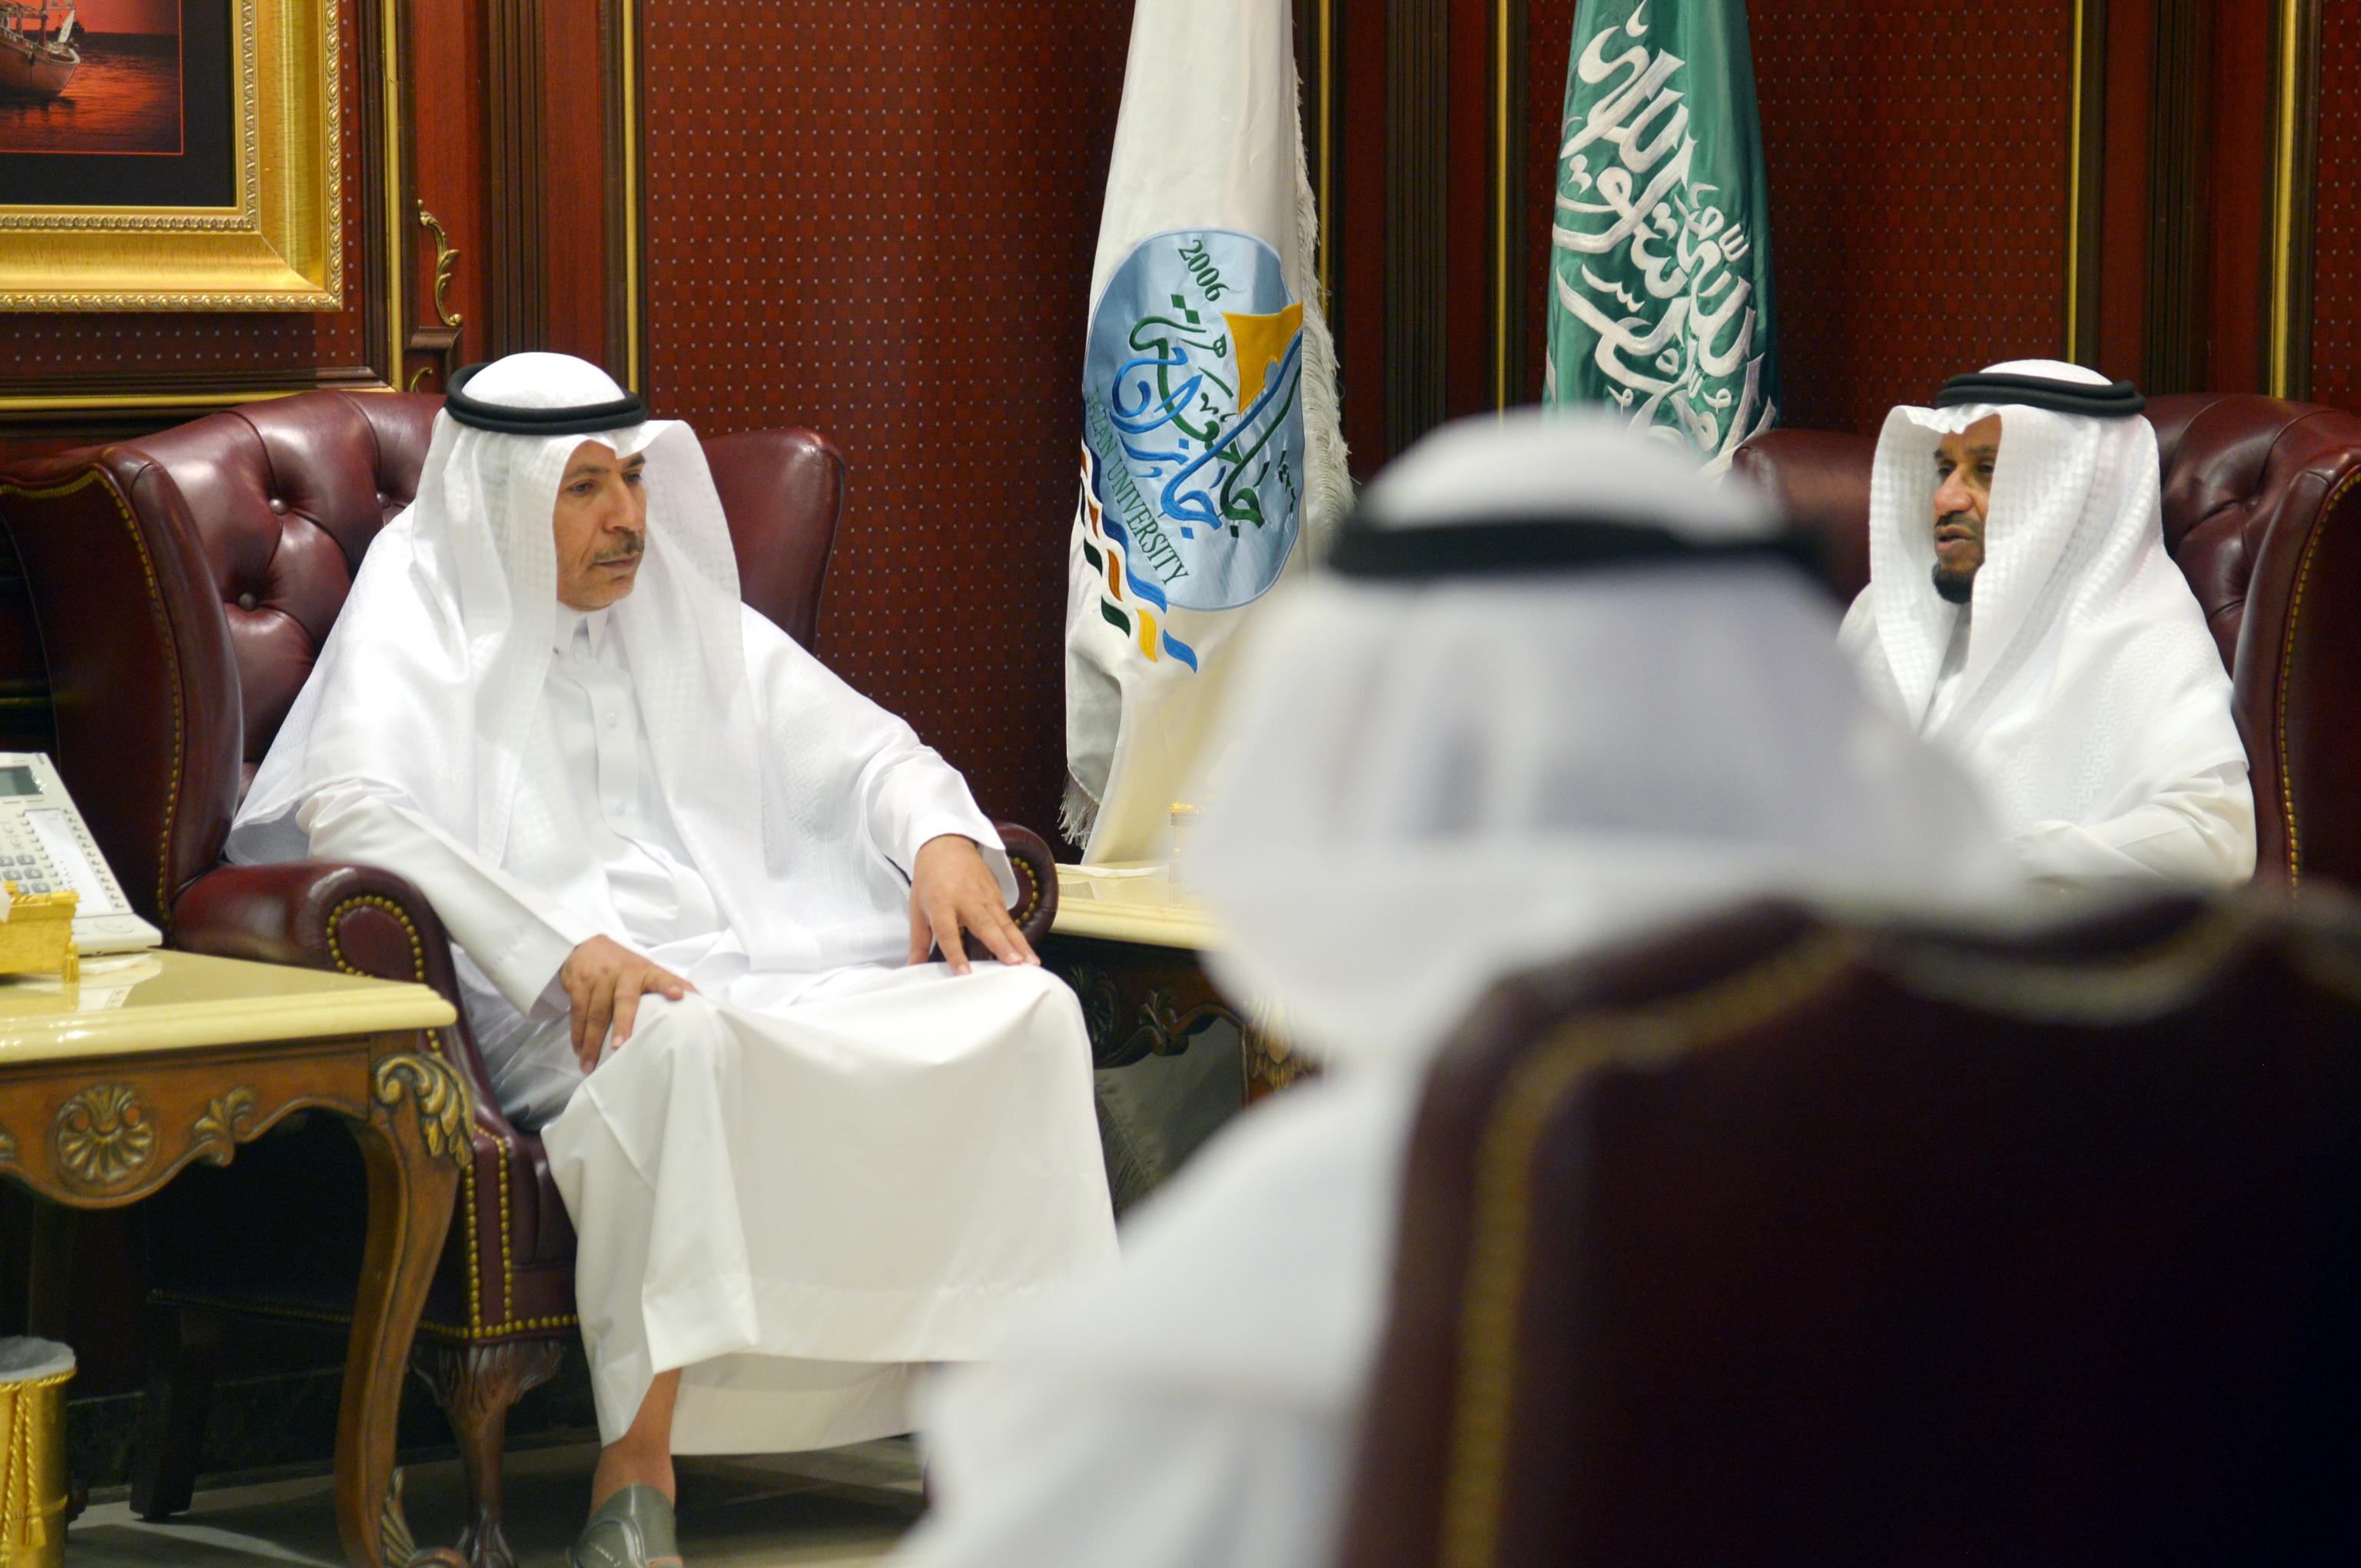 مدير جامعة جازان الدكتور مرعي بن حسين القحطاني (3)